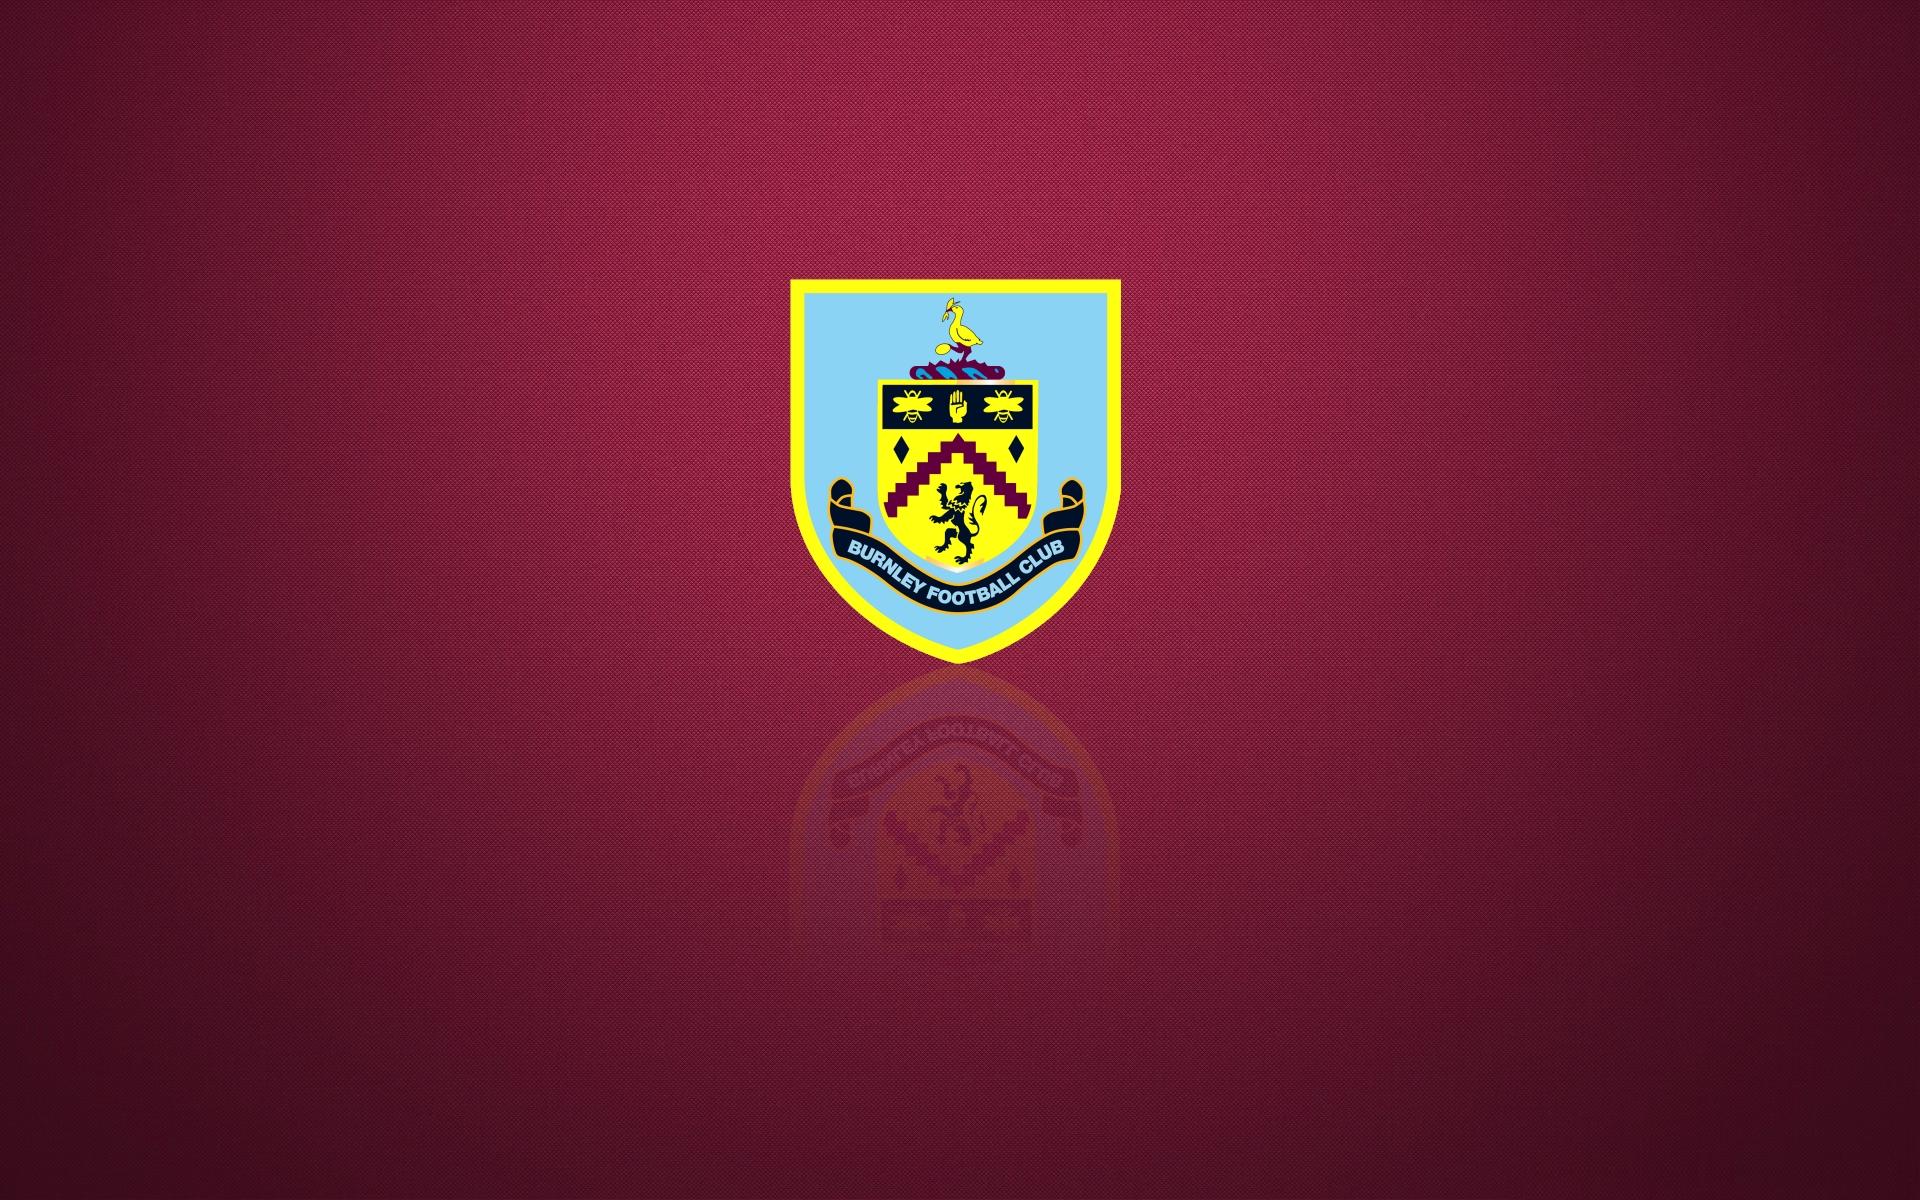 Burnley FC - Logos Download